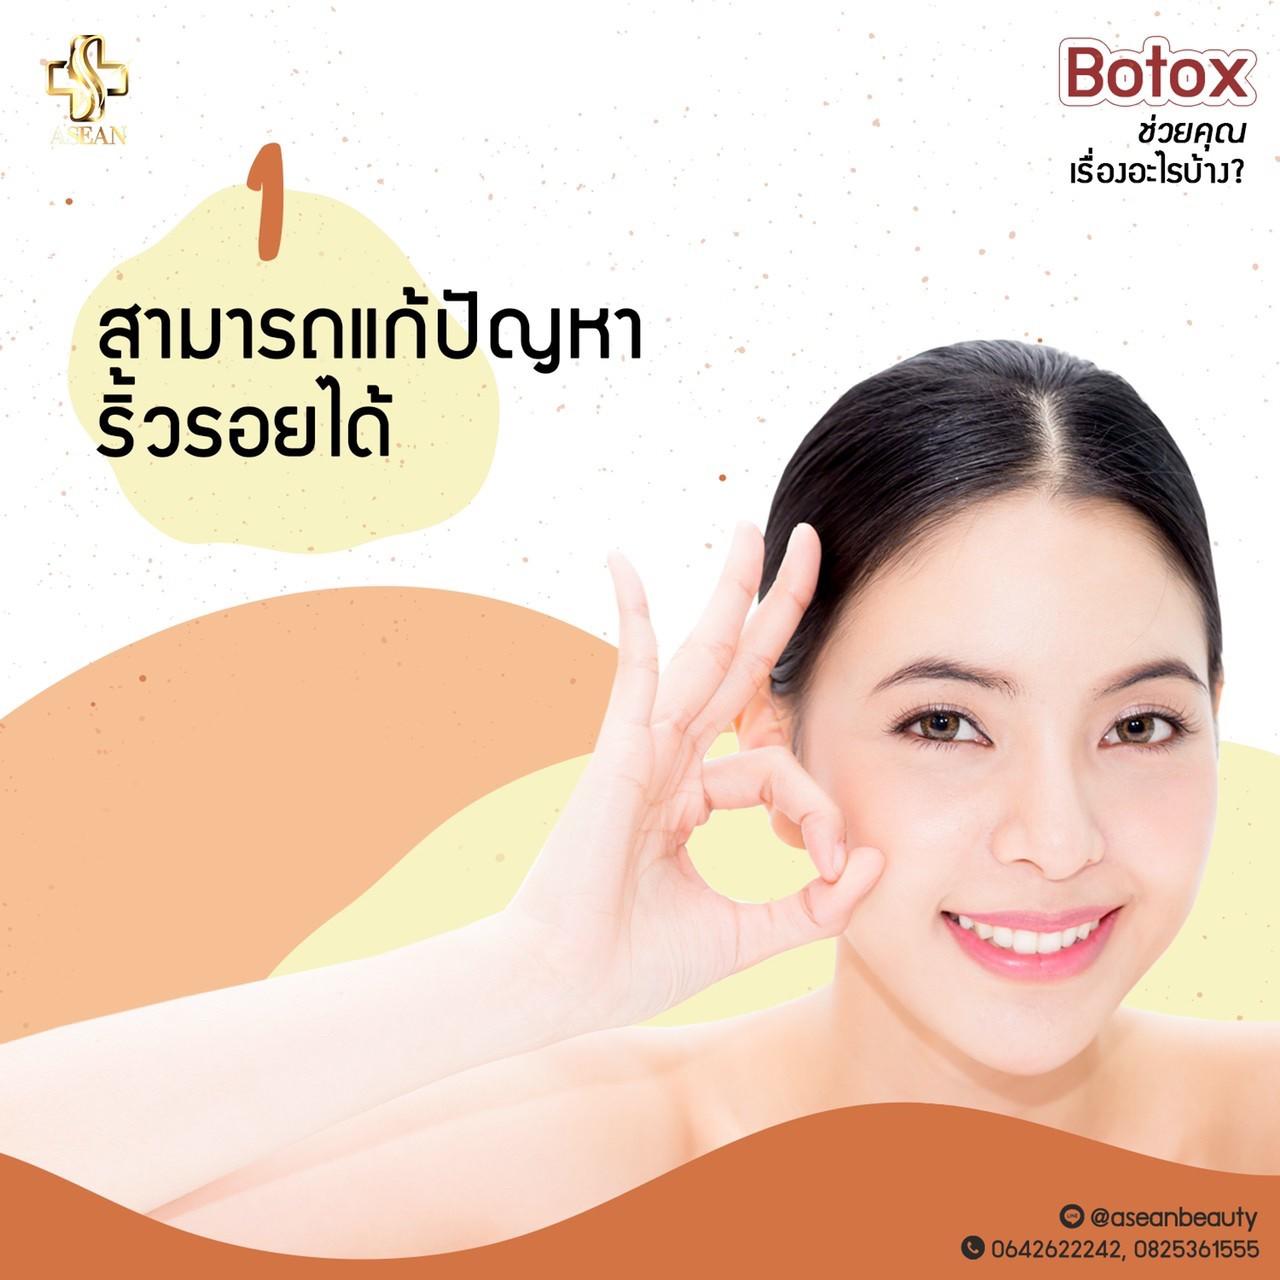 Botoxช่วยเรื่องอะไร02